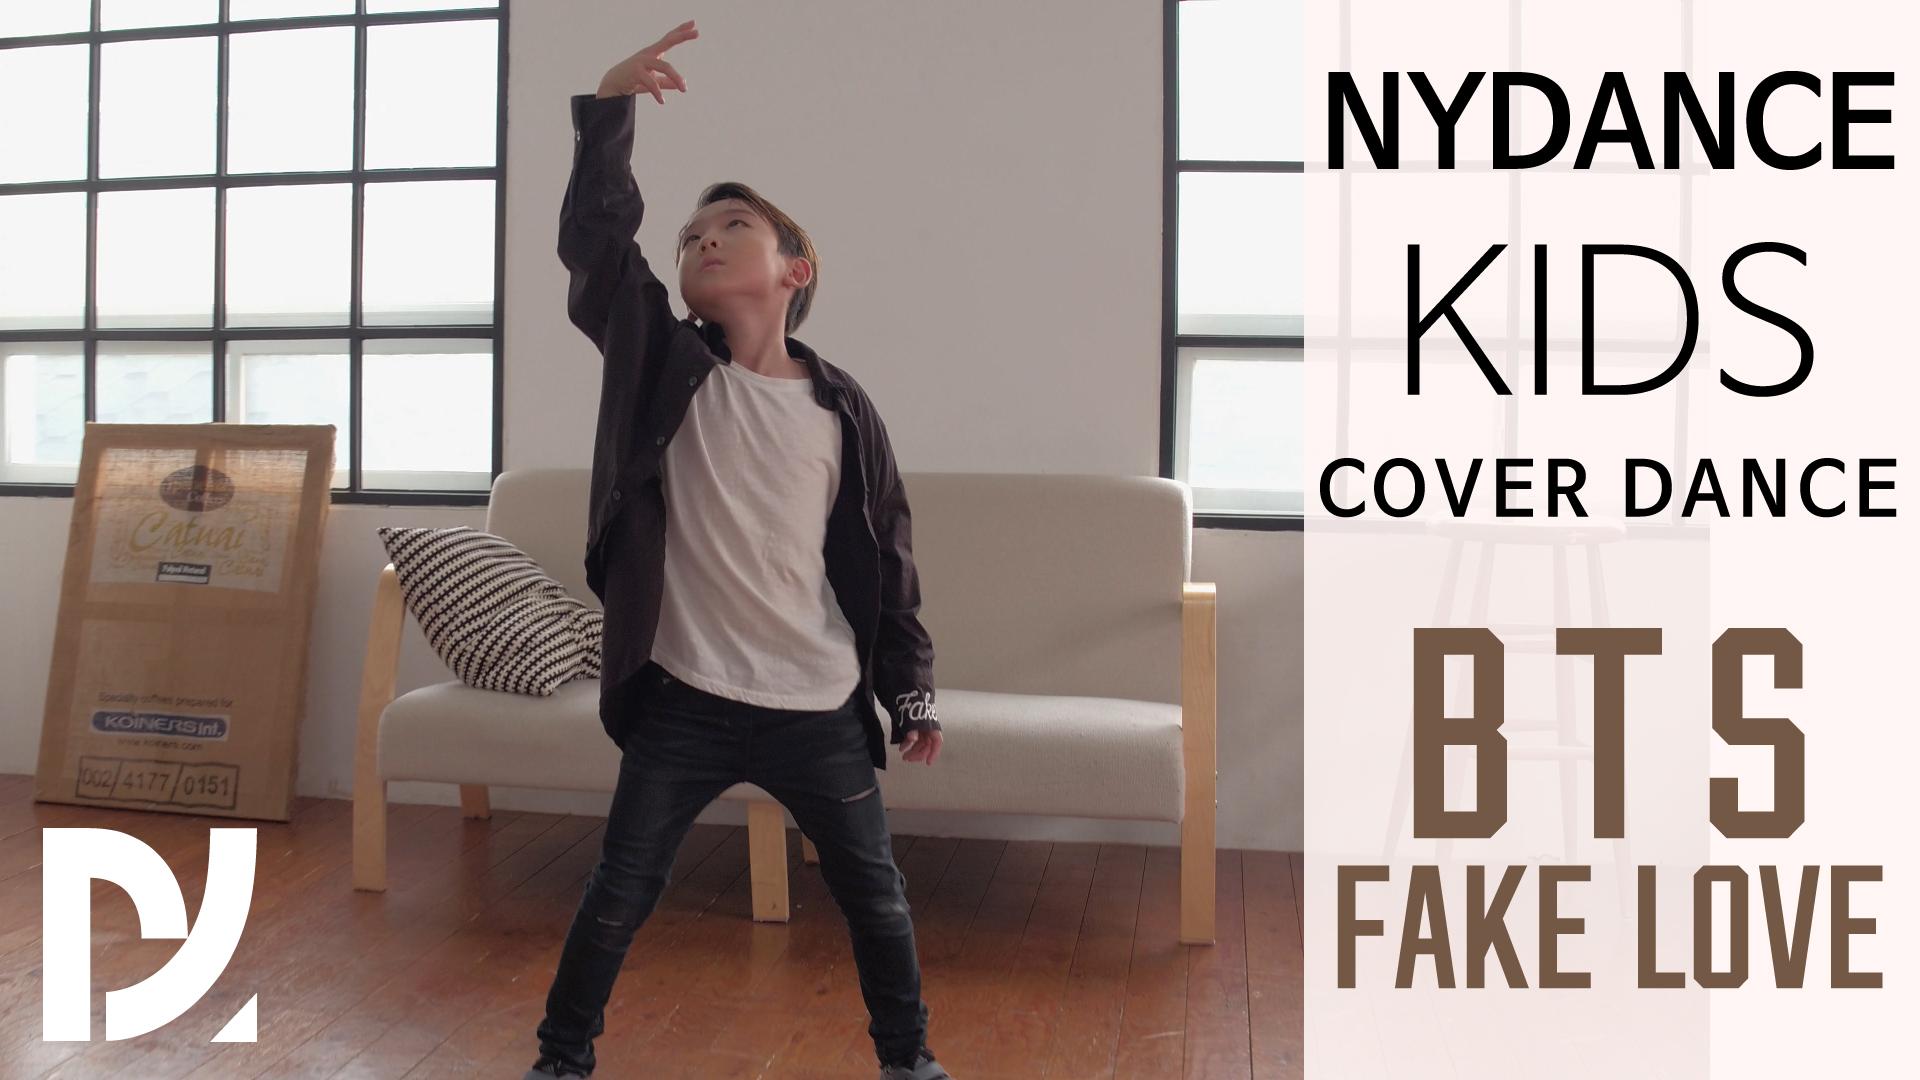 [엔와이댄스 NYDANCE]방탄소년단(BTS) – Fake Love 커버댄스 Dance Cover. 9살 나윤서 수강생